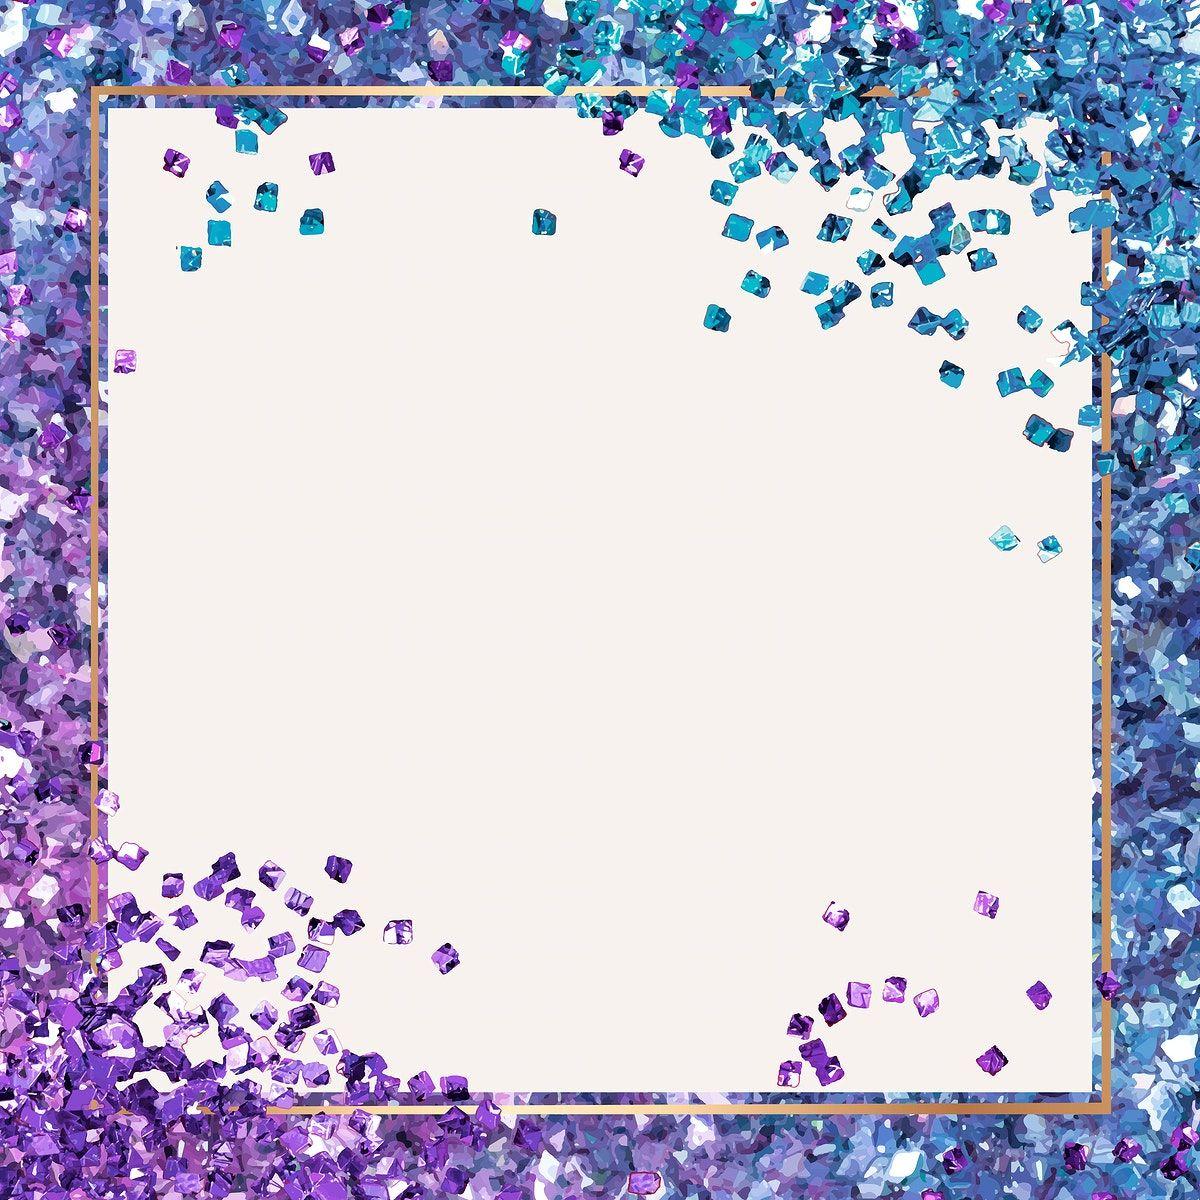 Purple Glitter Border Page Borders Borders For Paper Clip Art